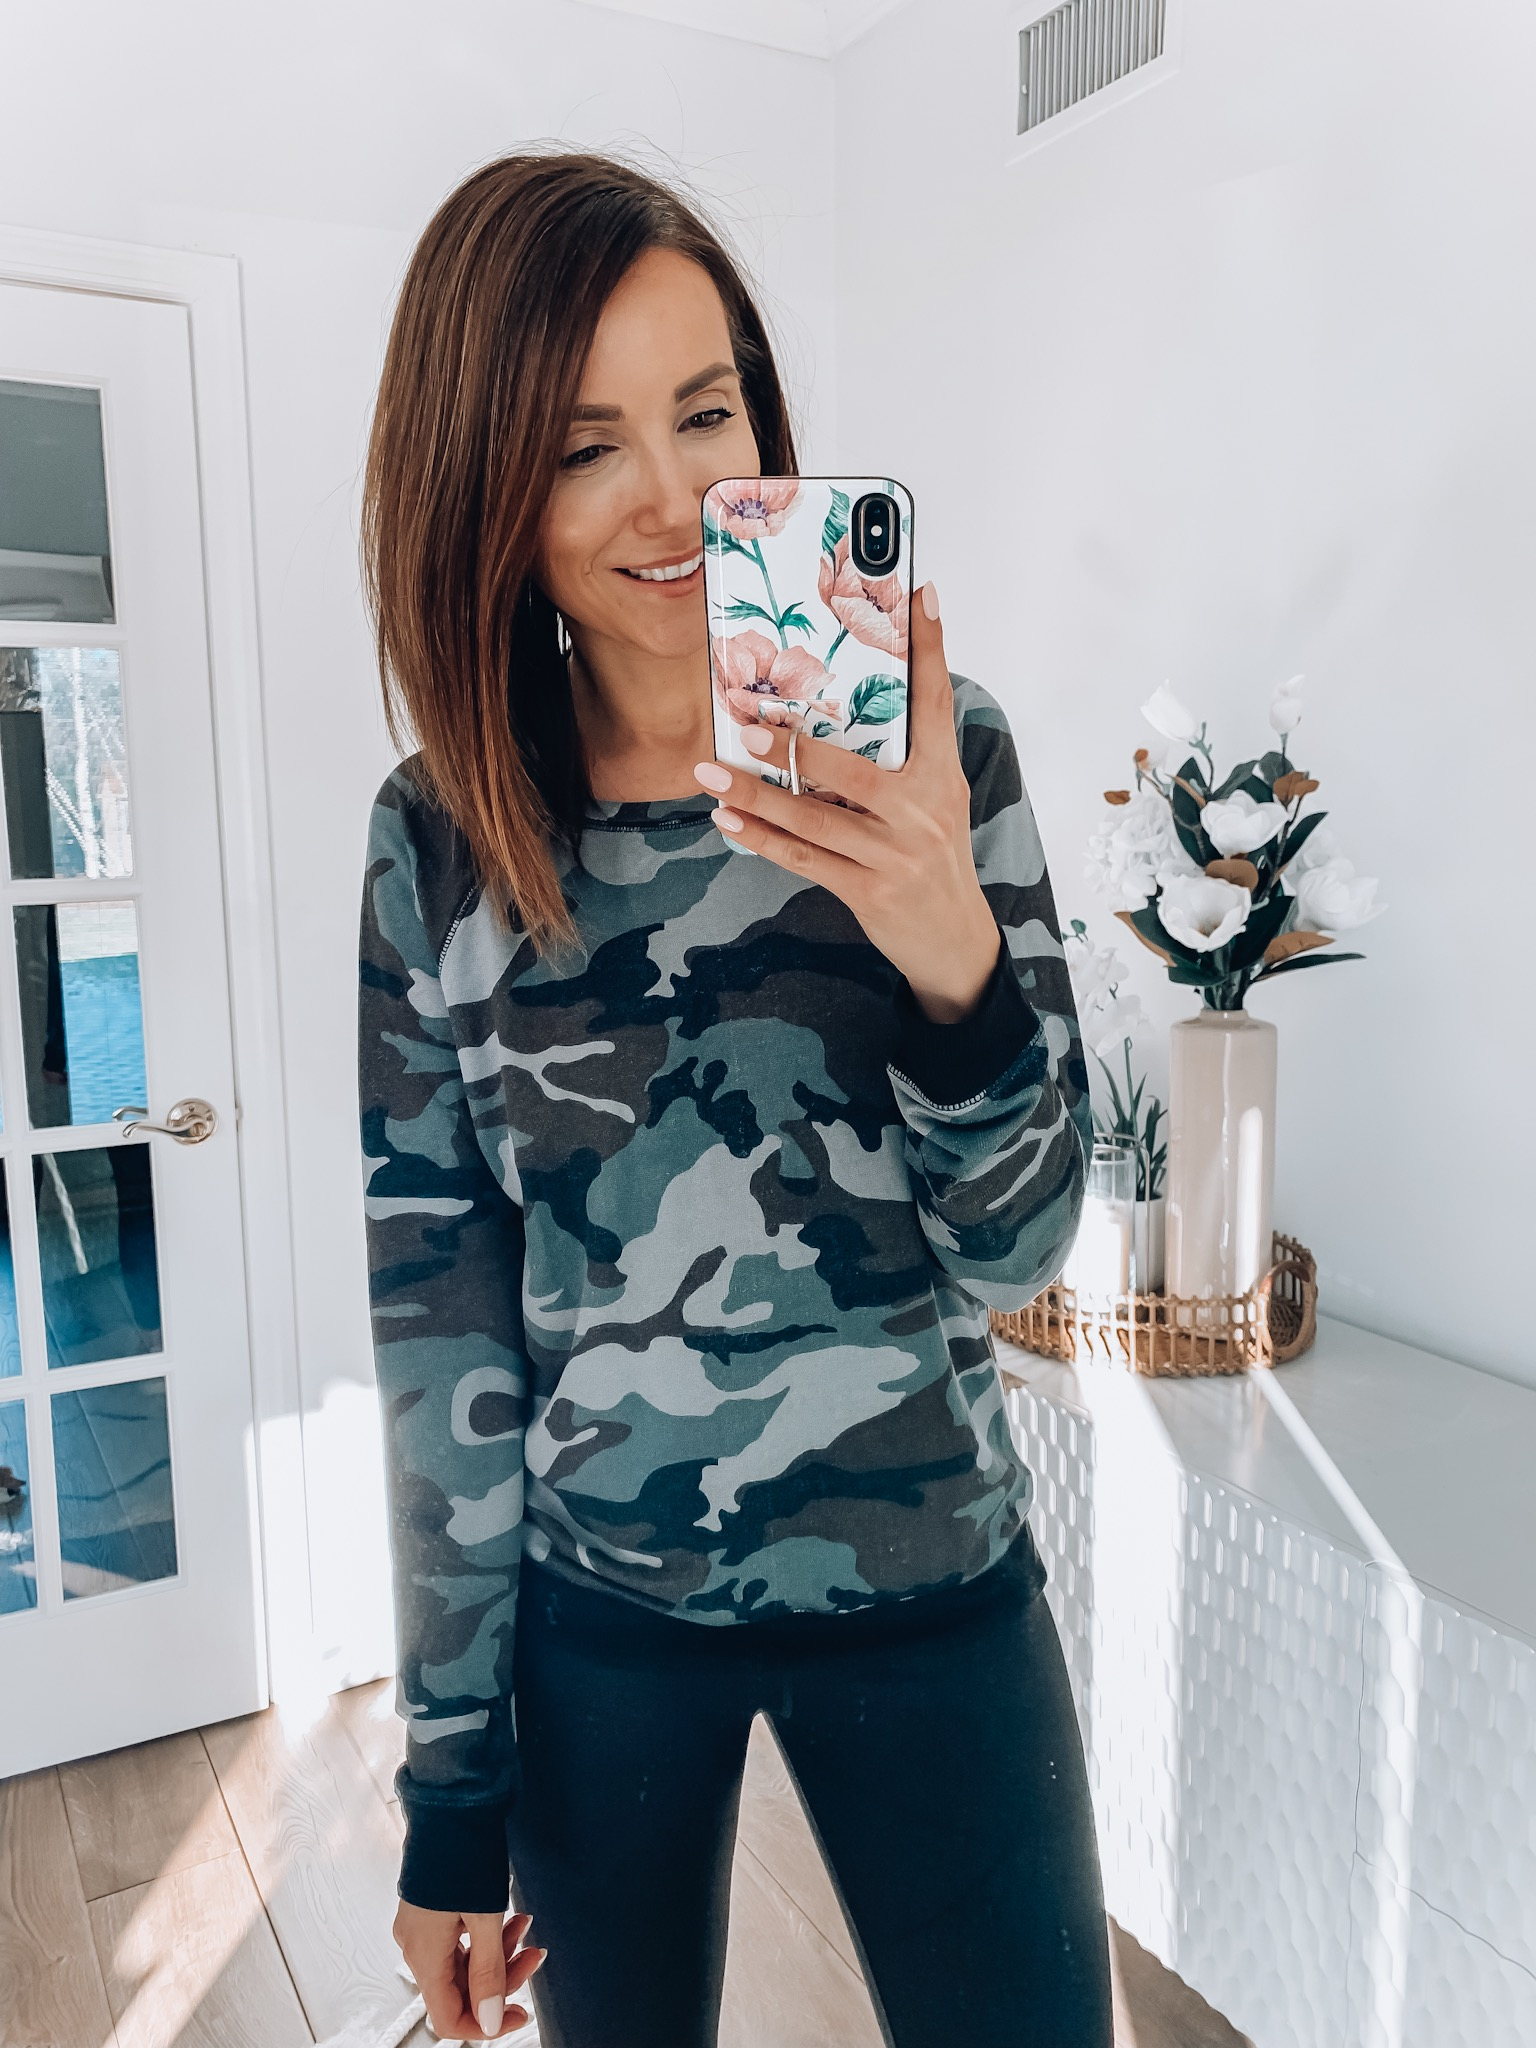 woman wearing athleisure wear